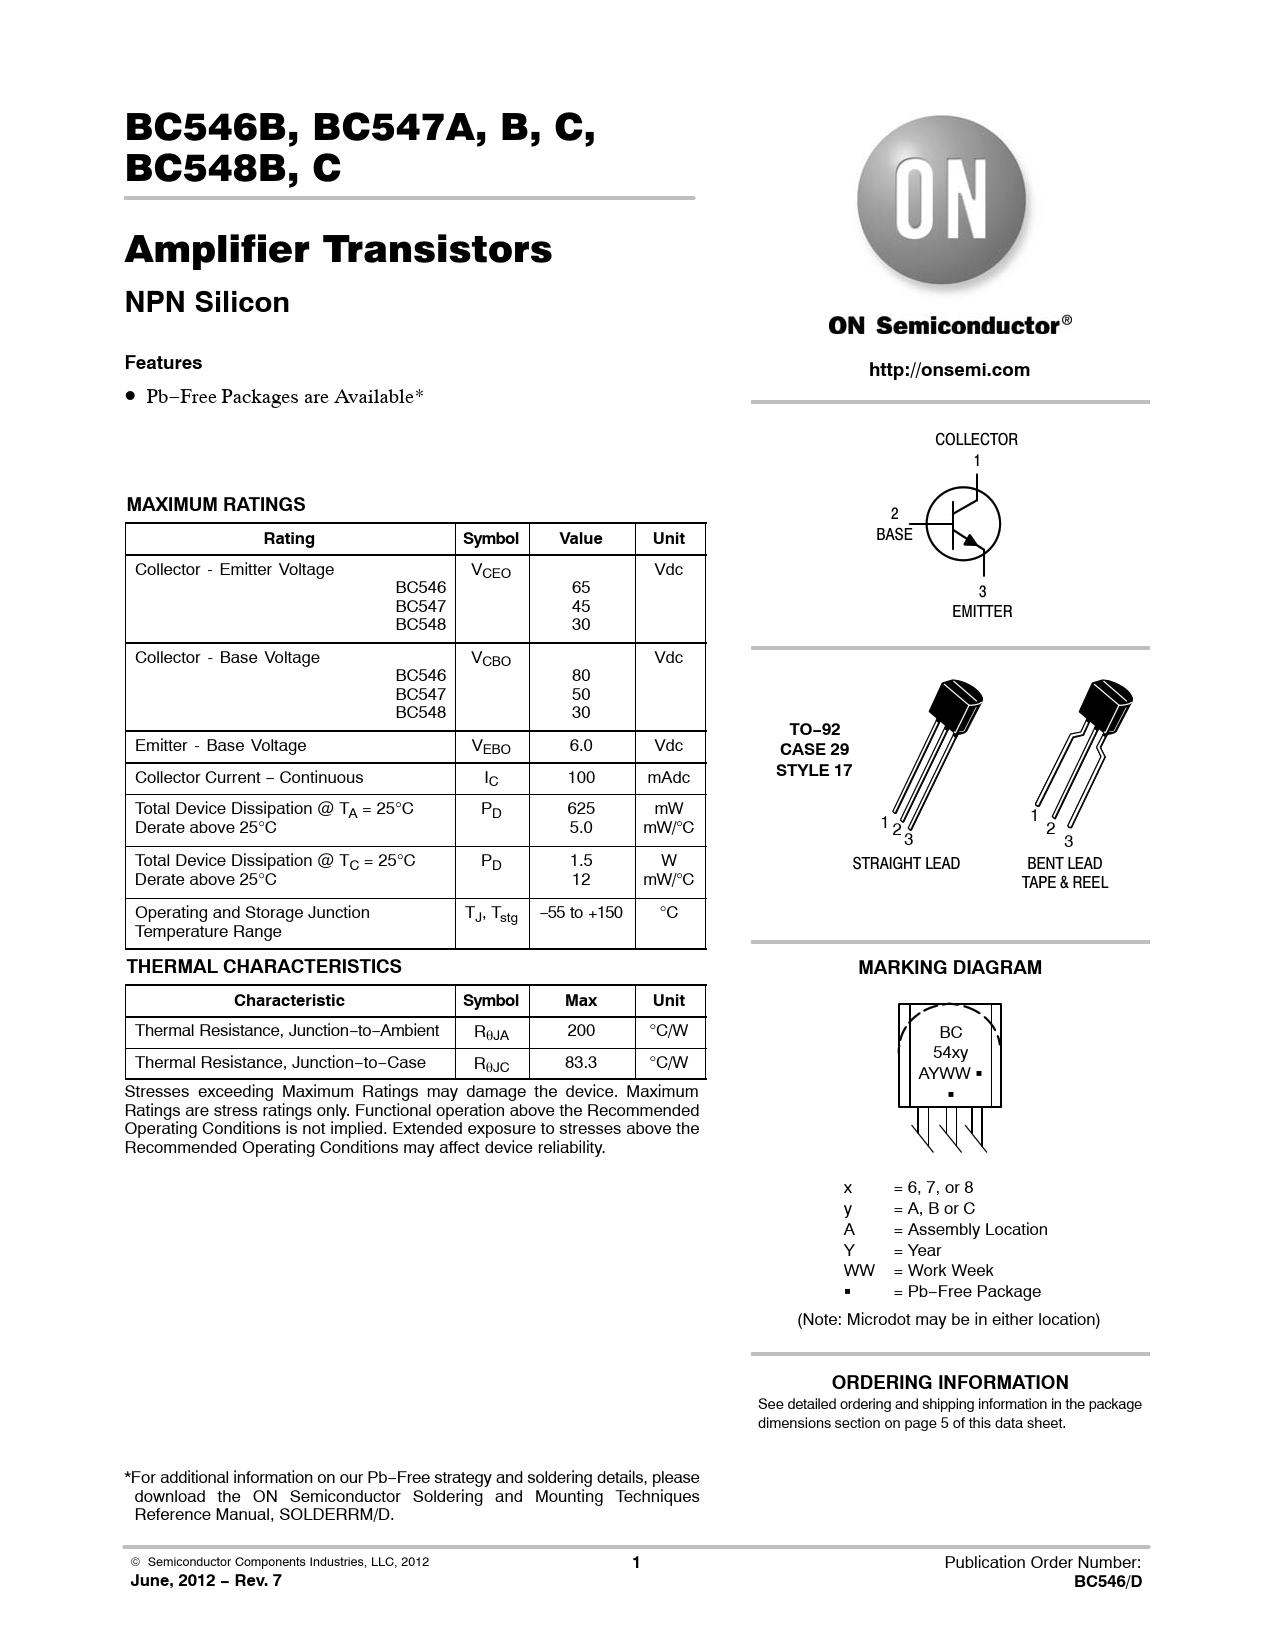 Datasheet BC546B / BC547A, B, C / BC548B, C ON Semiconductor, Revision: 7